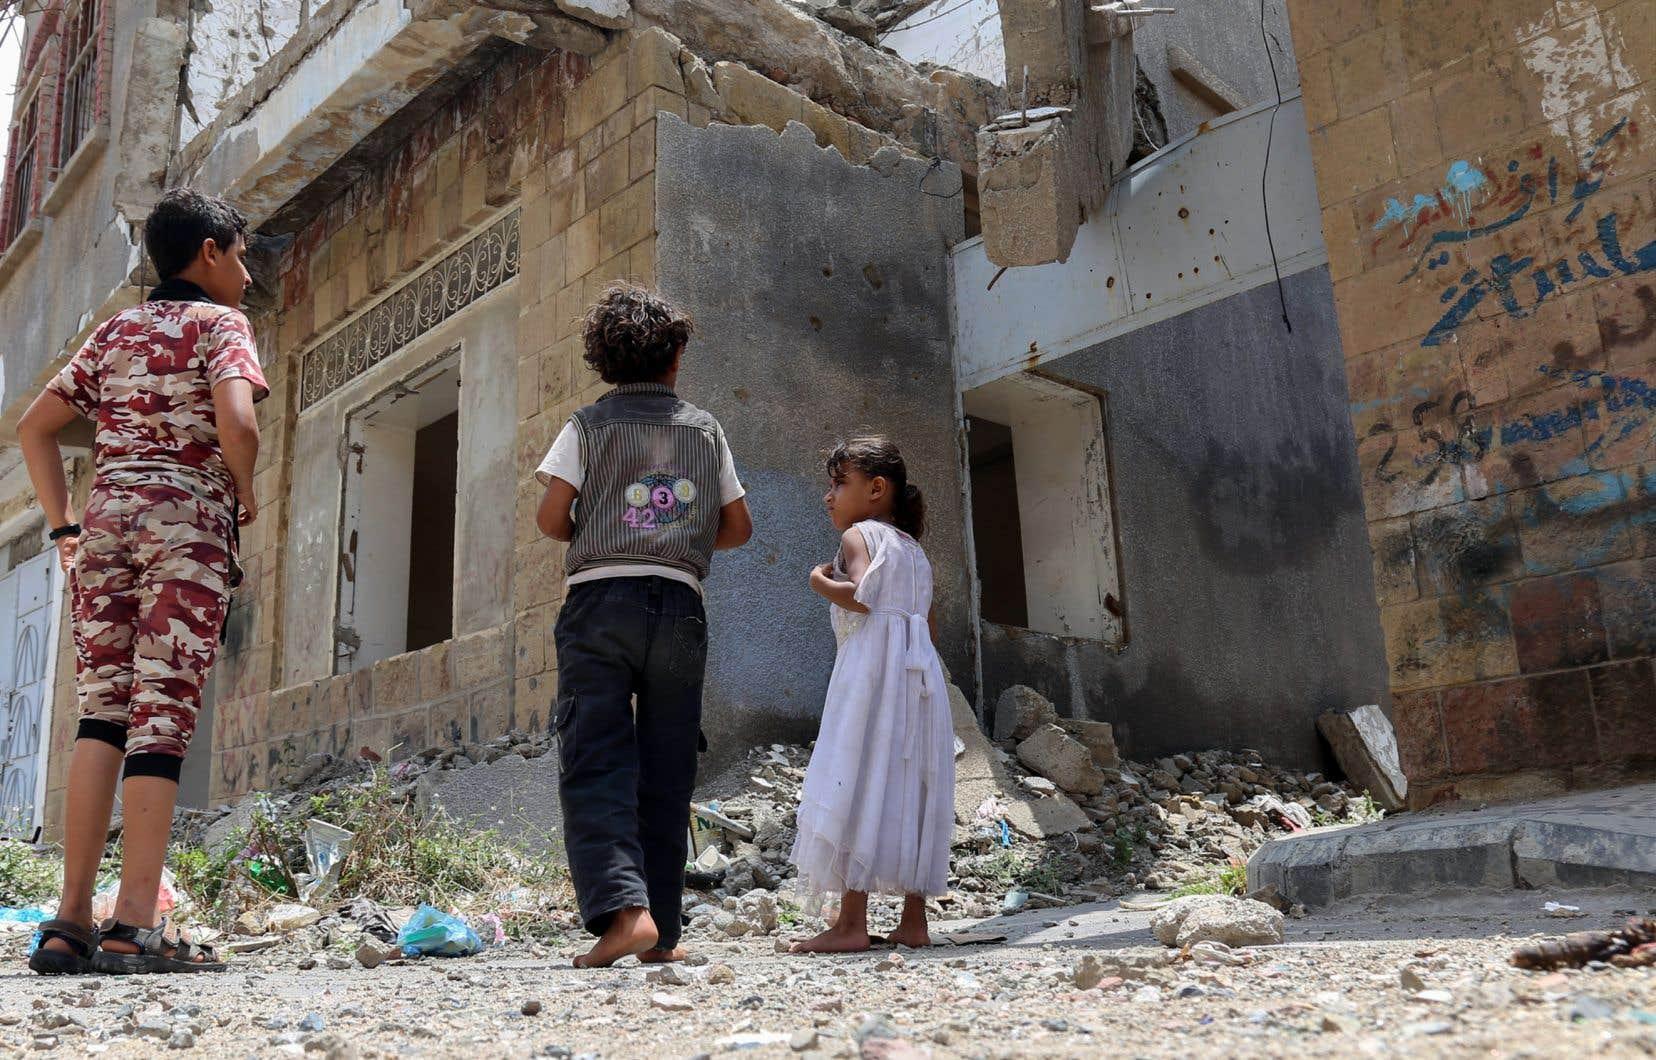 <p>Les chocs climatiques ont un impact important sur les pays en conflit, commele Yémen.</p>